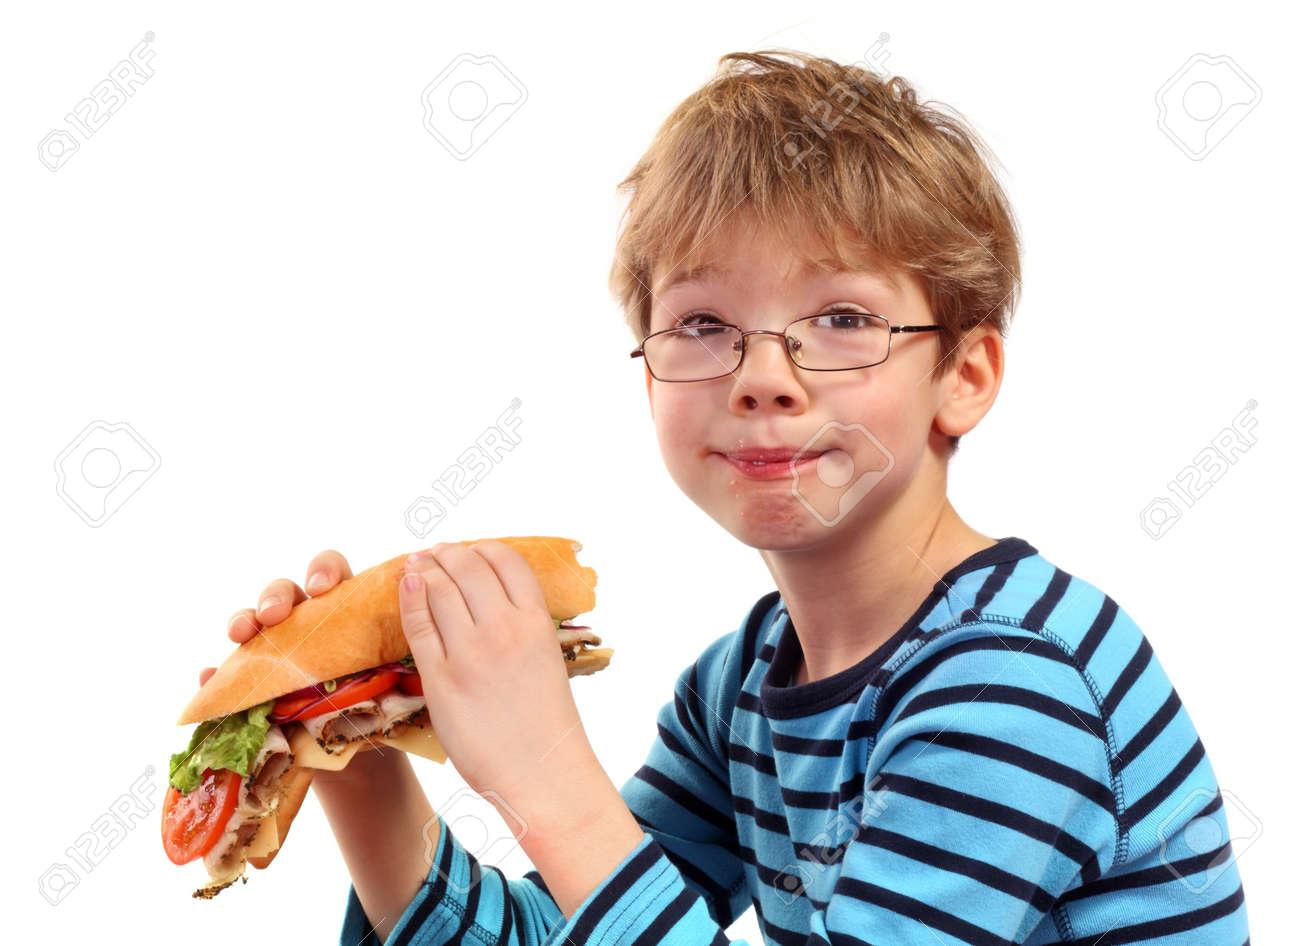 boy eating large sandwich on white background Stock Photo - 11917164